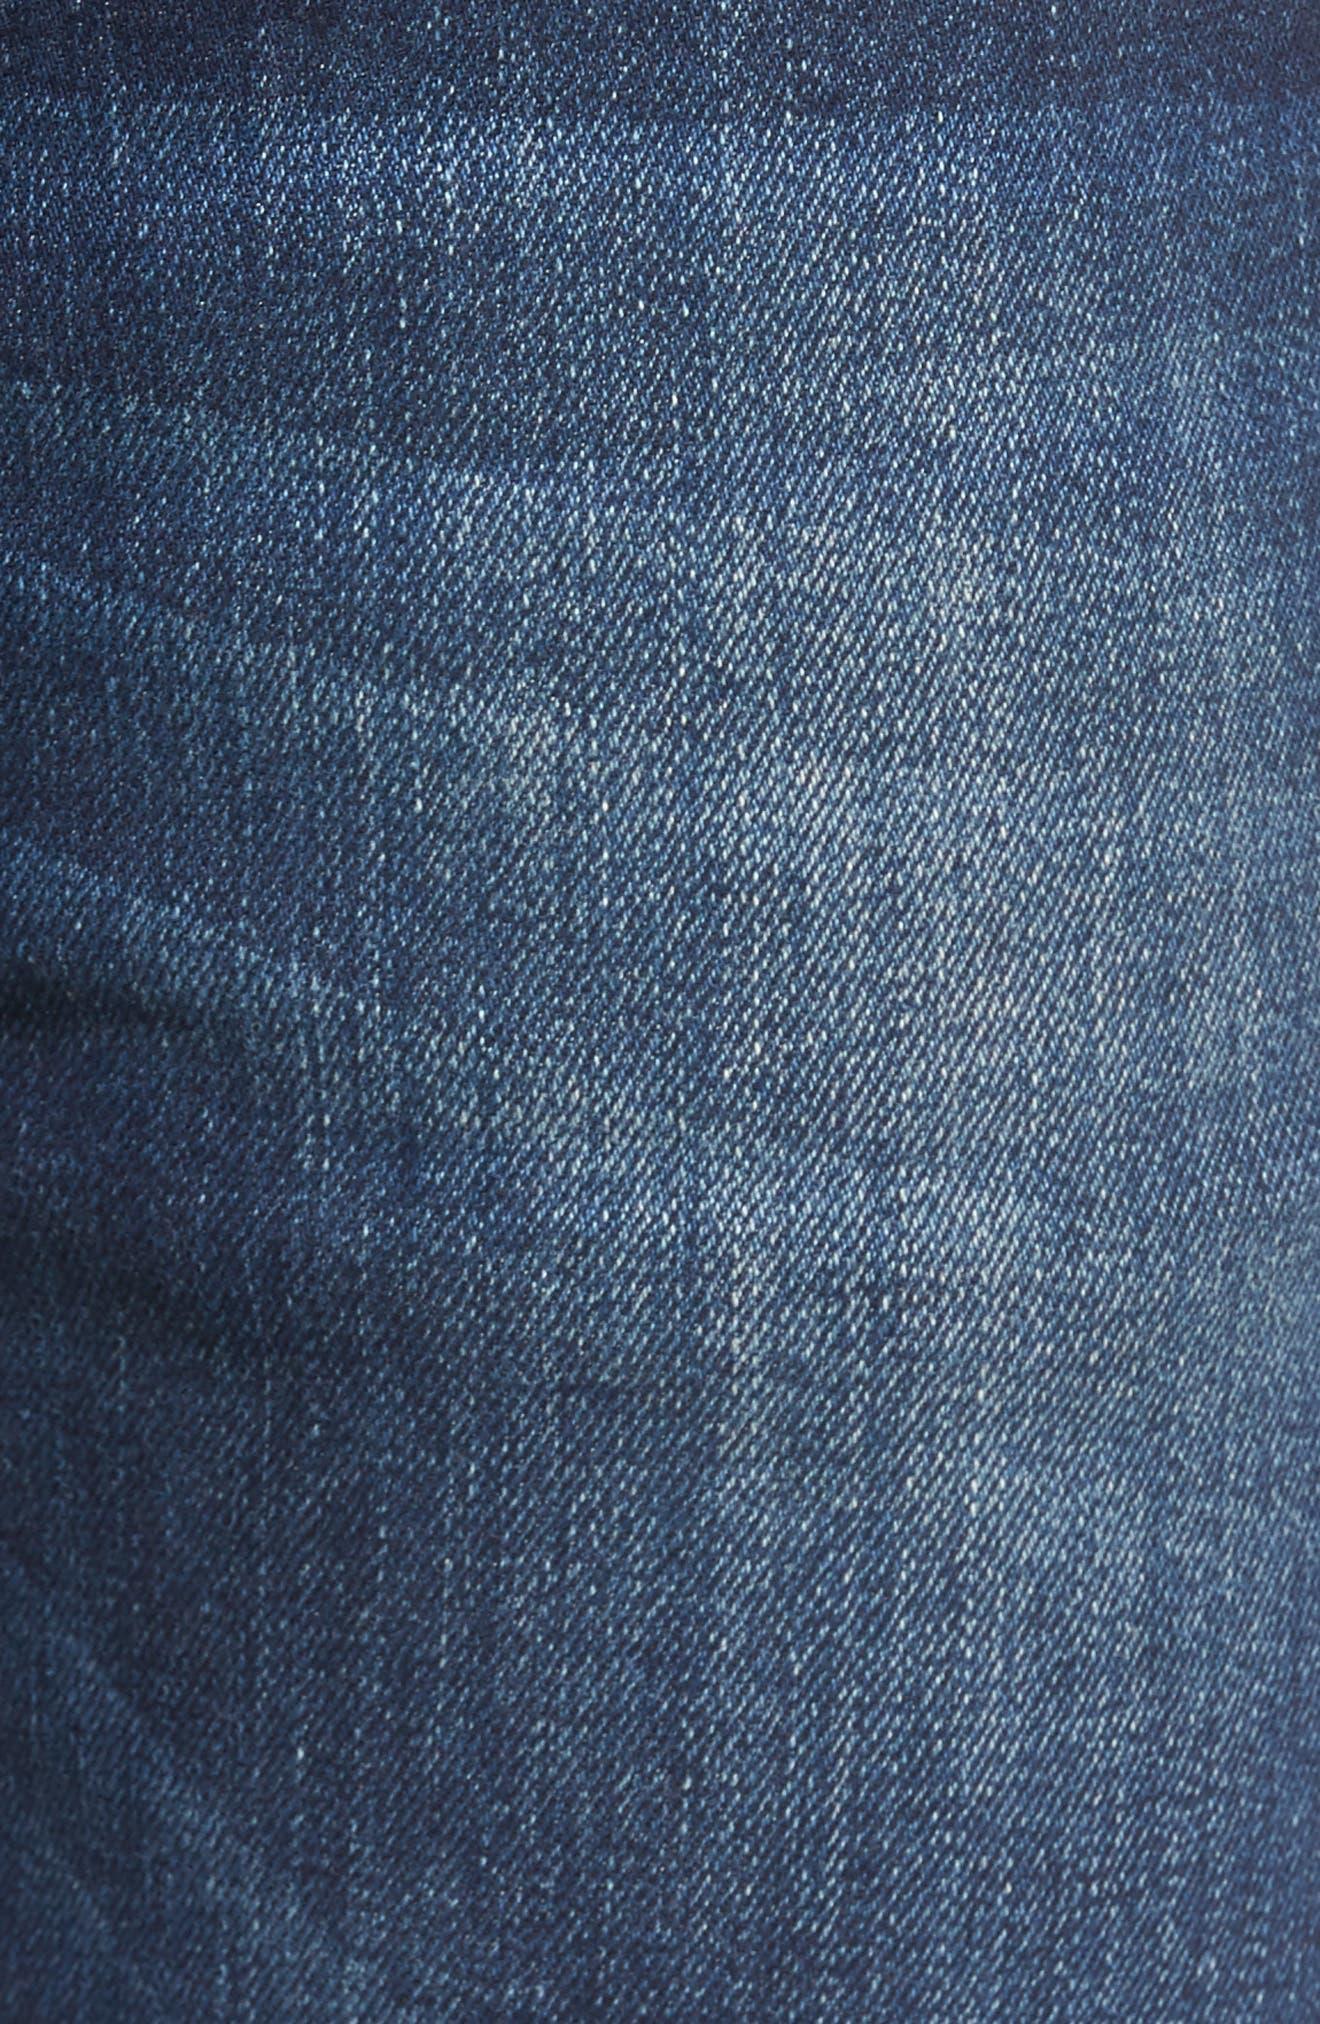 Derbyshire Slim Fit Jeans,                             Alternate thumbnail 5, color,                             DENIM